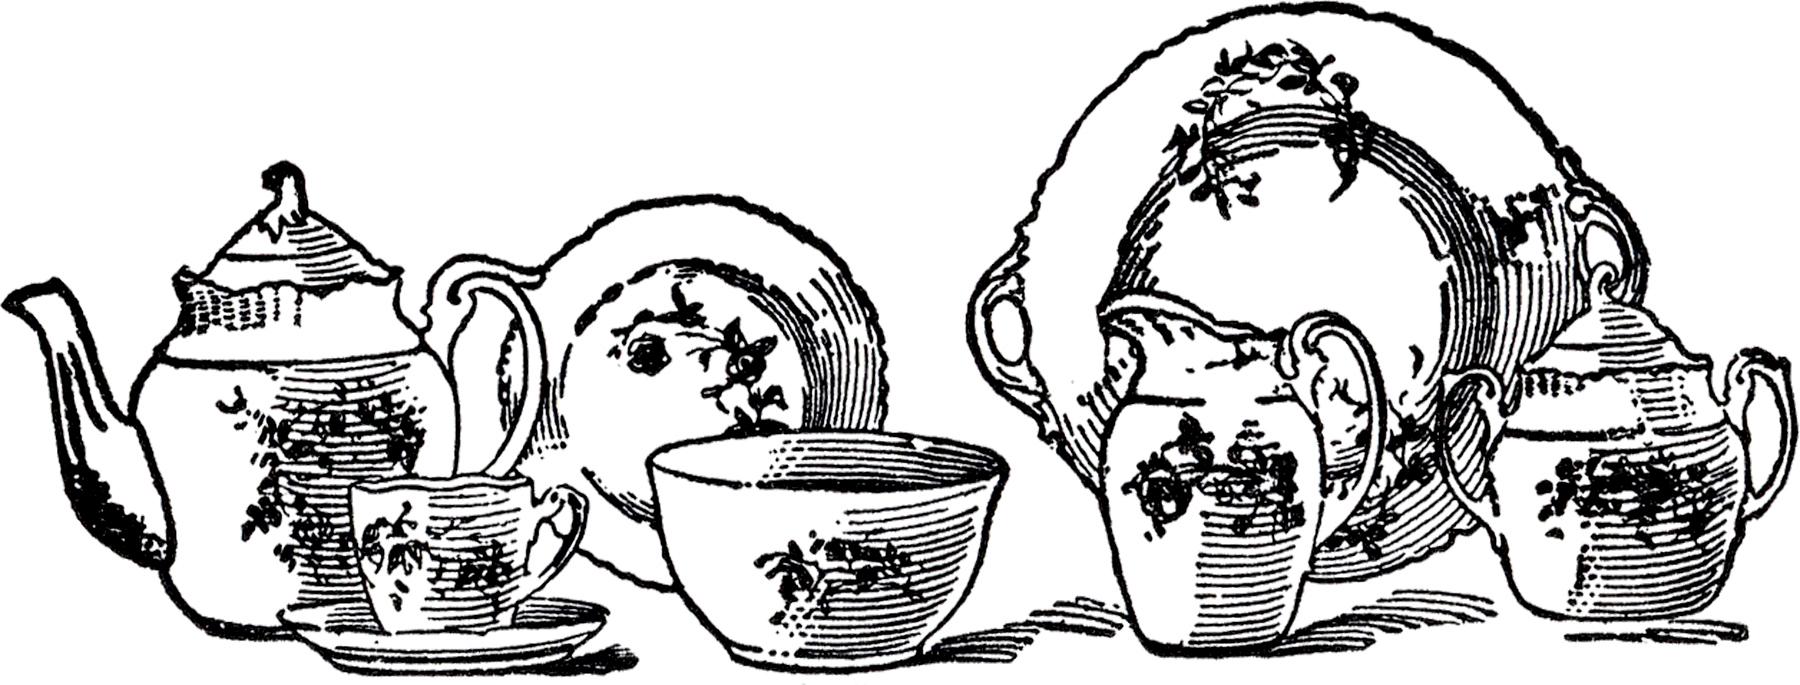 Vintage-China-Tea-Set-Image-GraphicsFairy.jpg